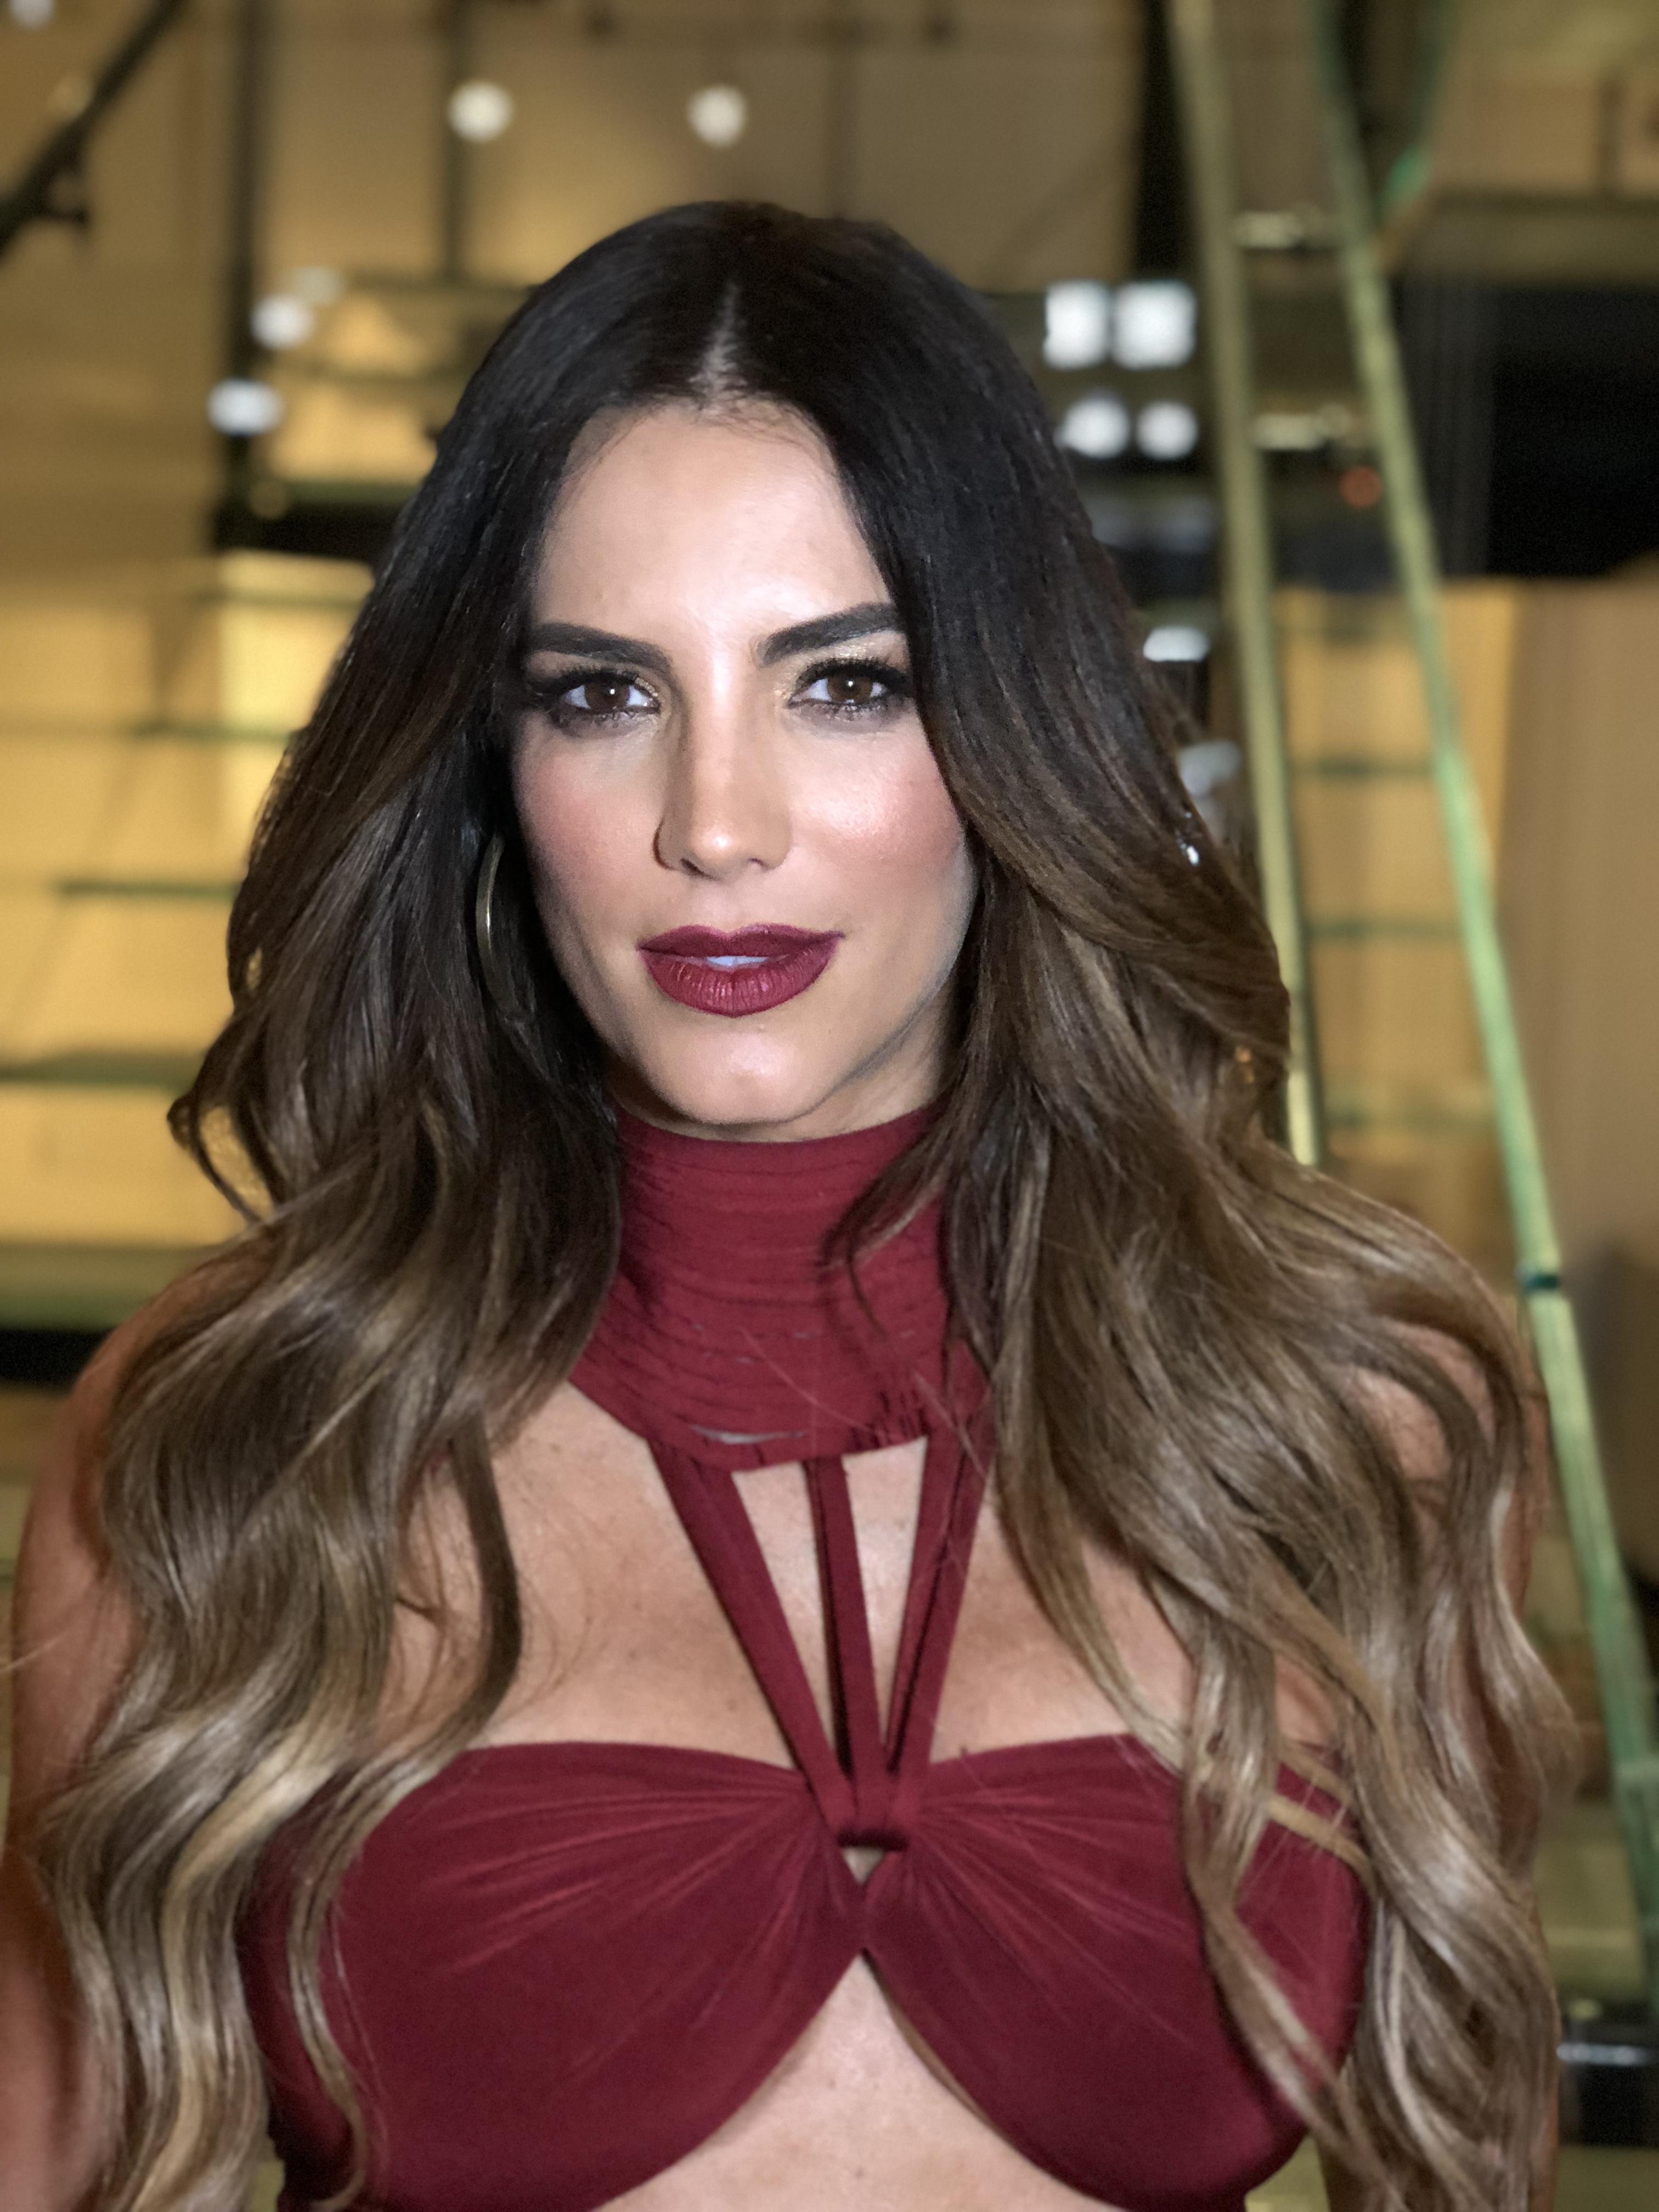 People en español, belleza, looks, famosas,